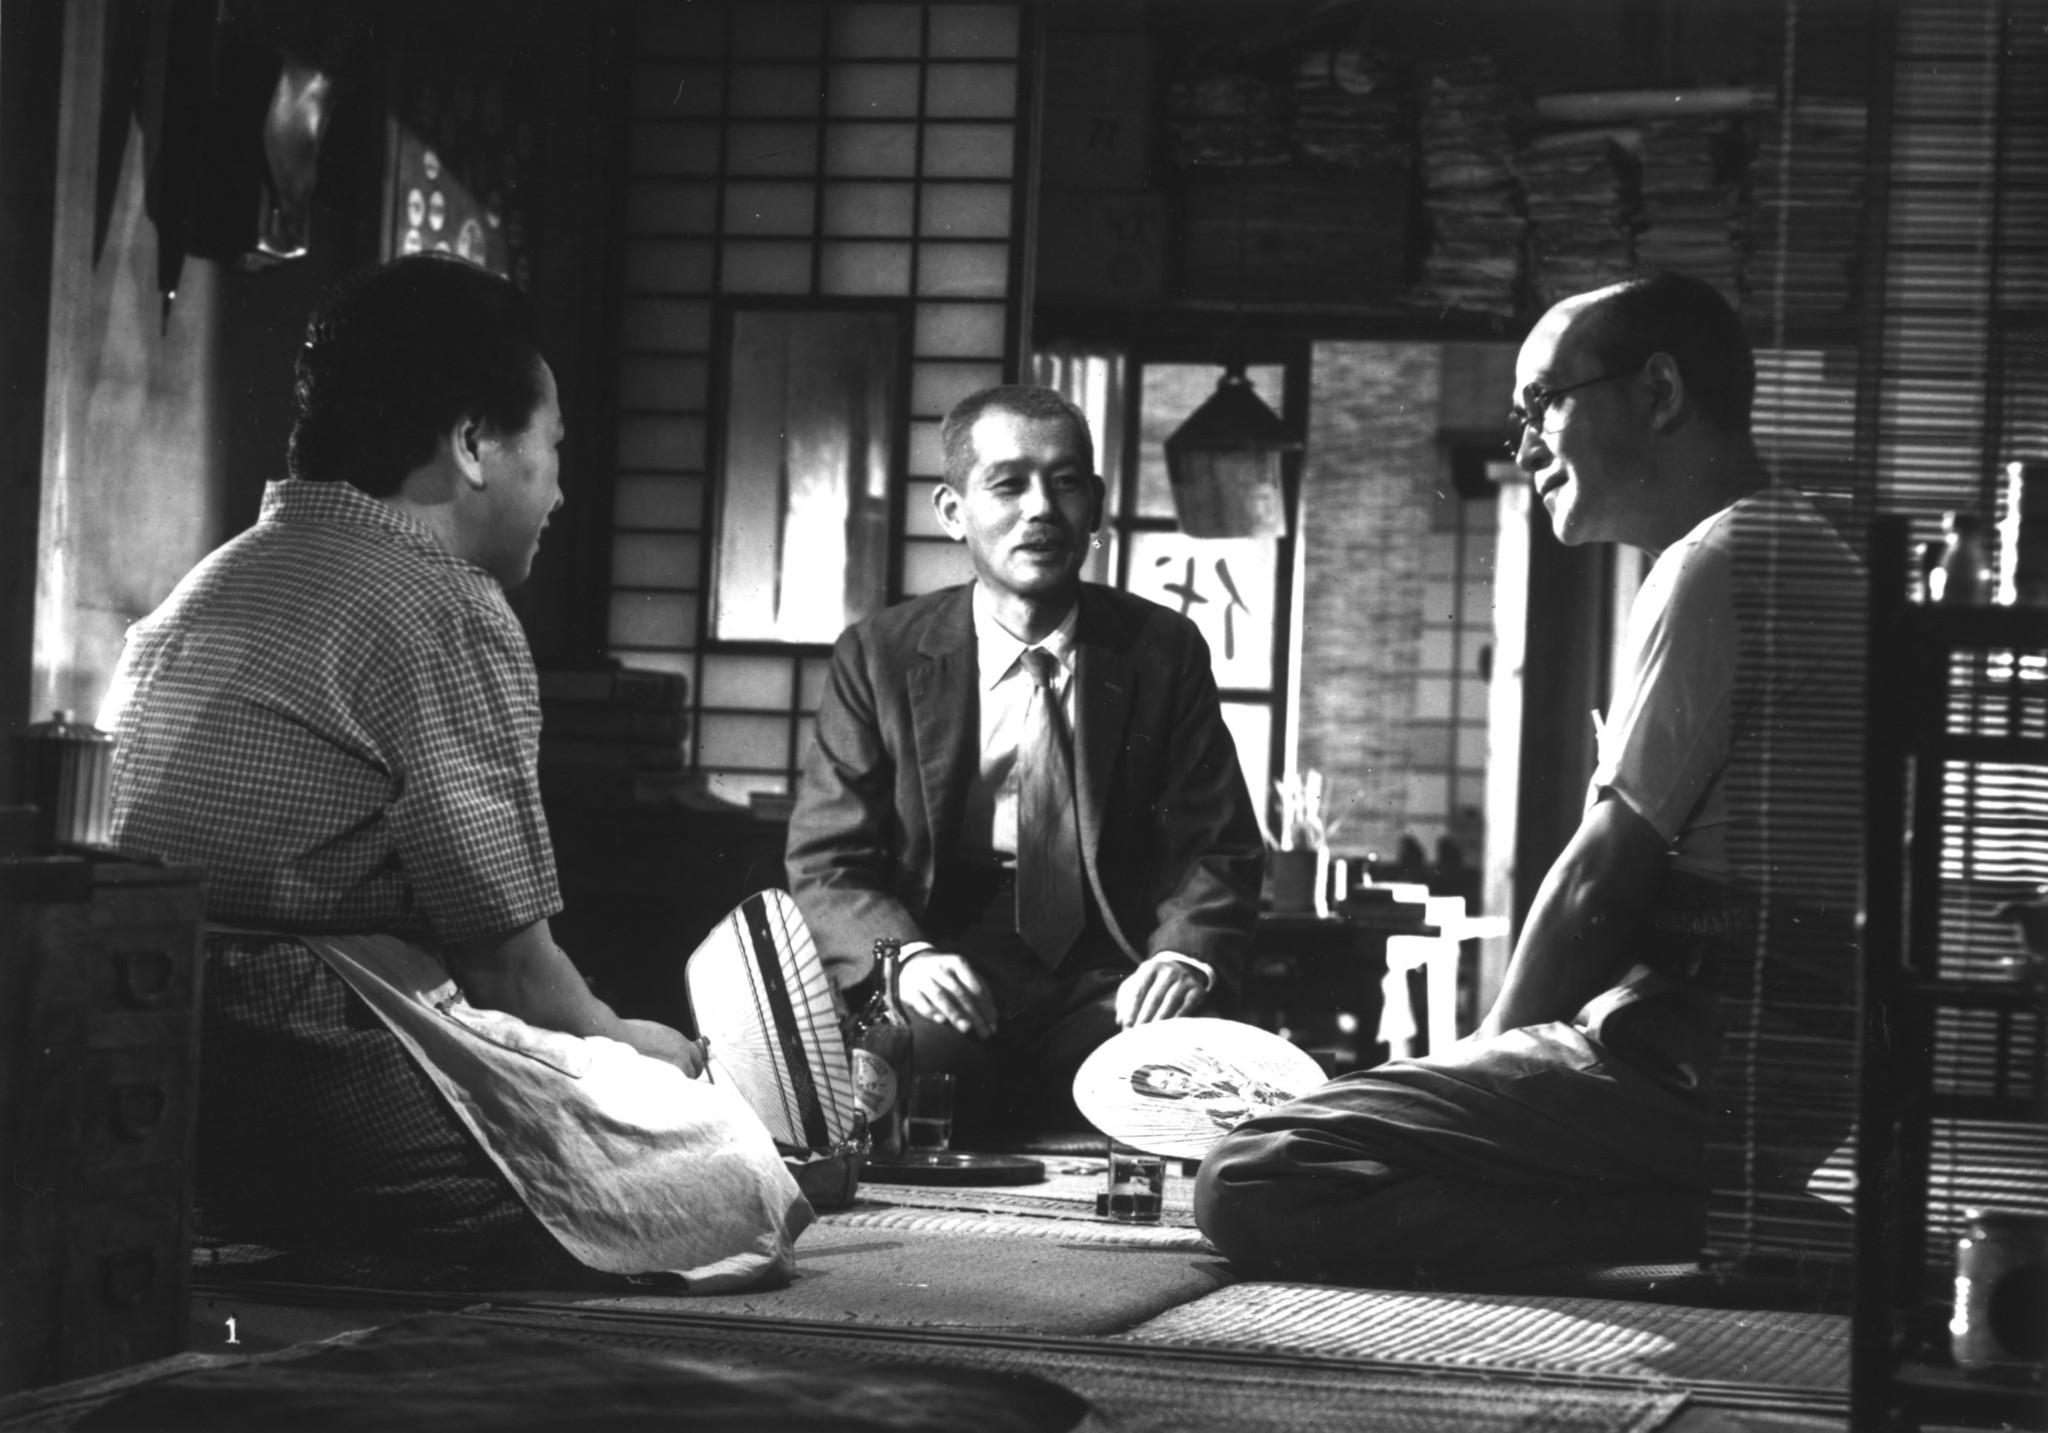 Teruko Nagaoka, Chishû Ryû, and Hisao Toake in Tôkyô monogatari (1953)